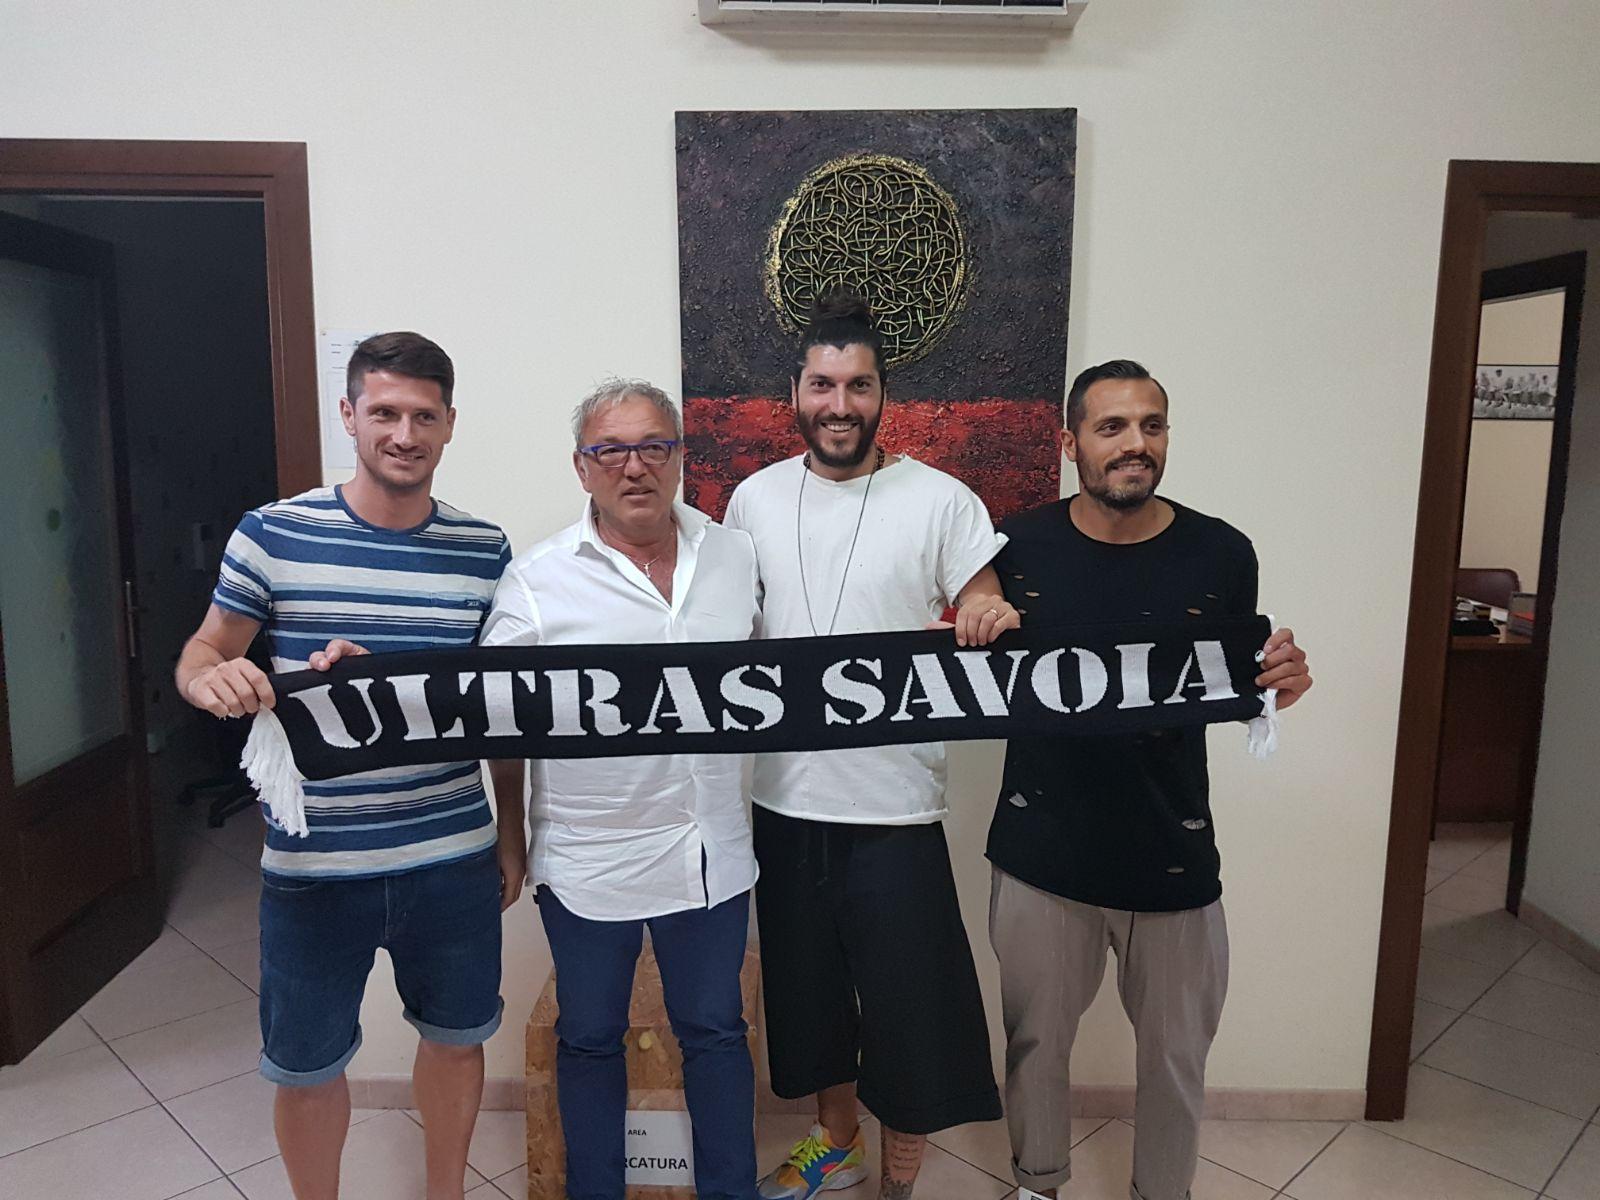 UFFICIALE | Savoia arriva un tris da urlo: Di Girolamo, De Rosa e Galizia